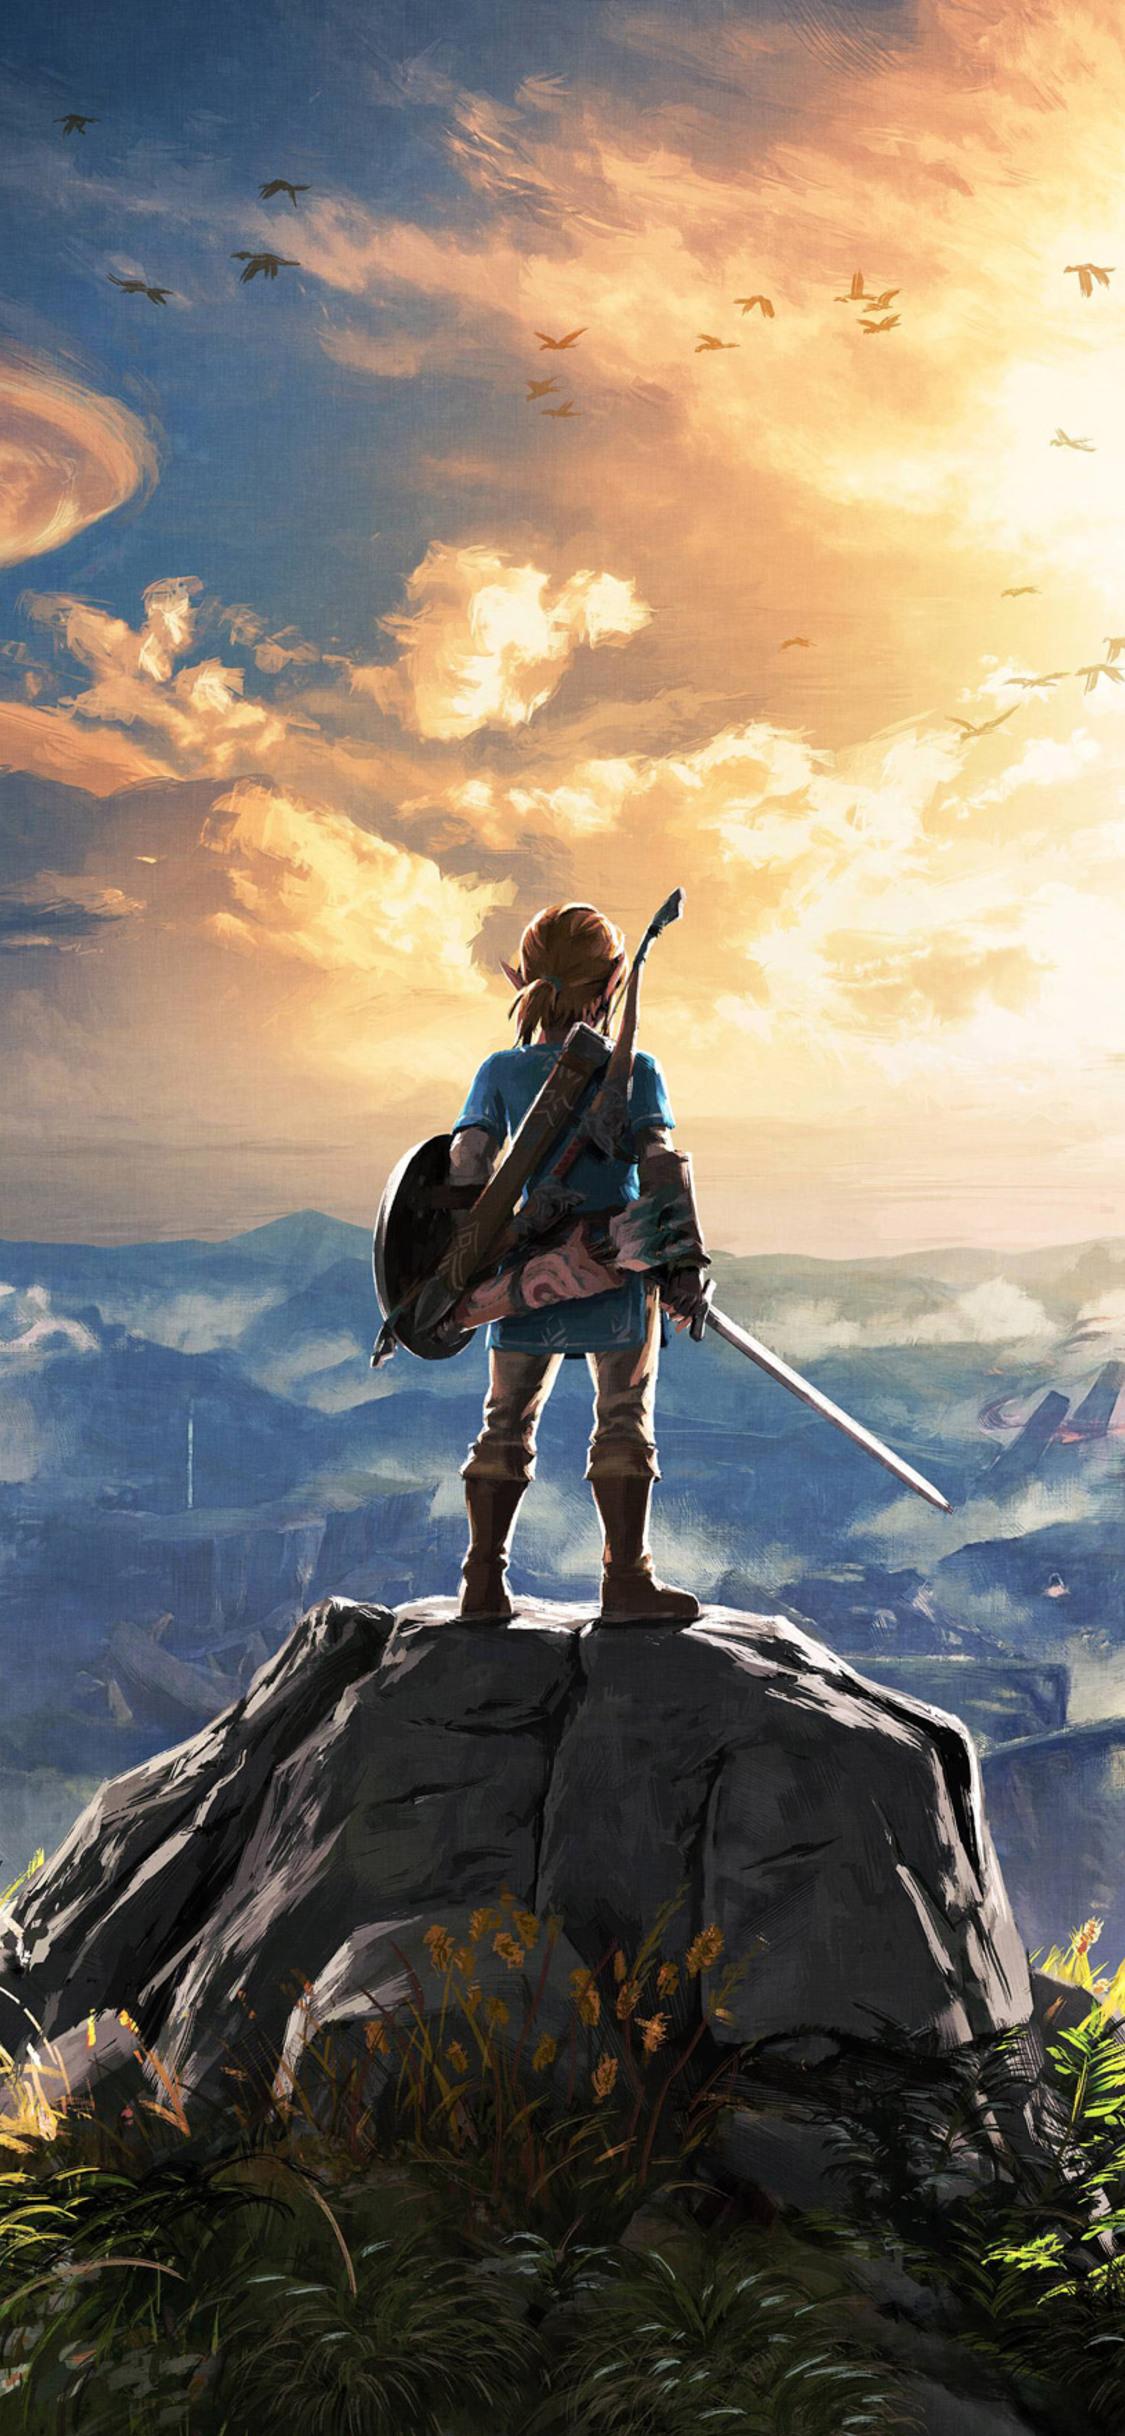 1125x2436 The Legend Of Zelda Breath Of The Wild 4k Iphone Xs